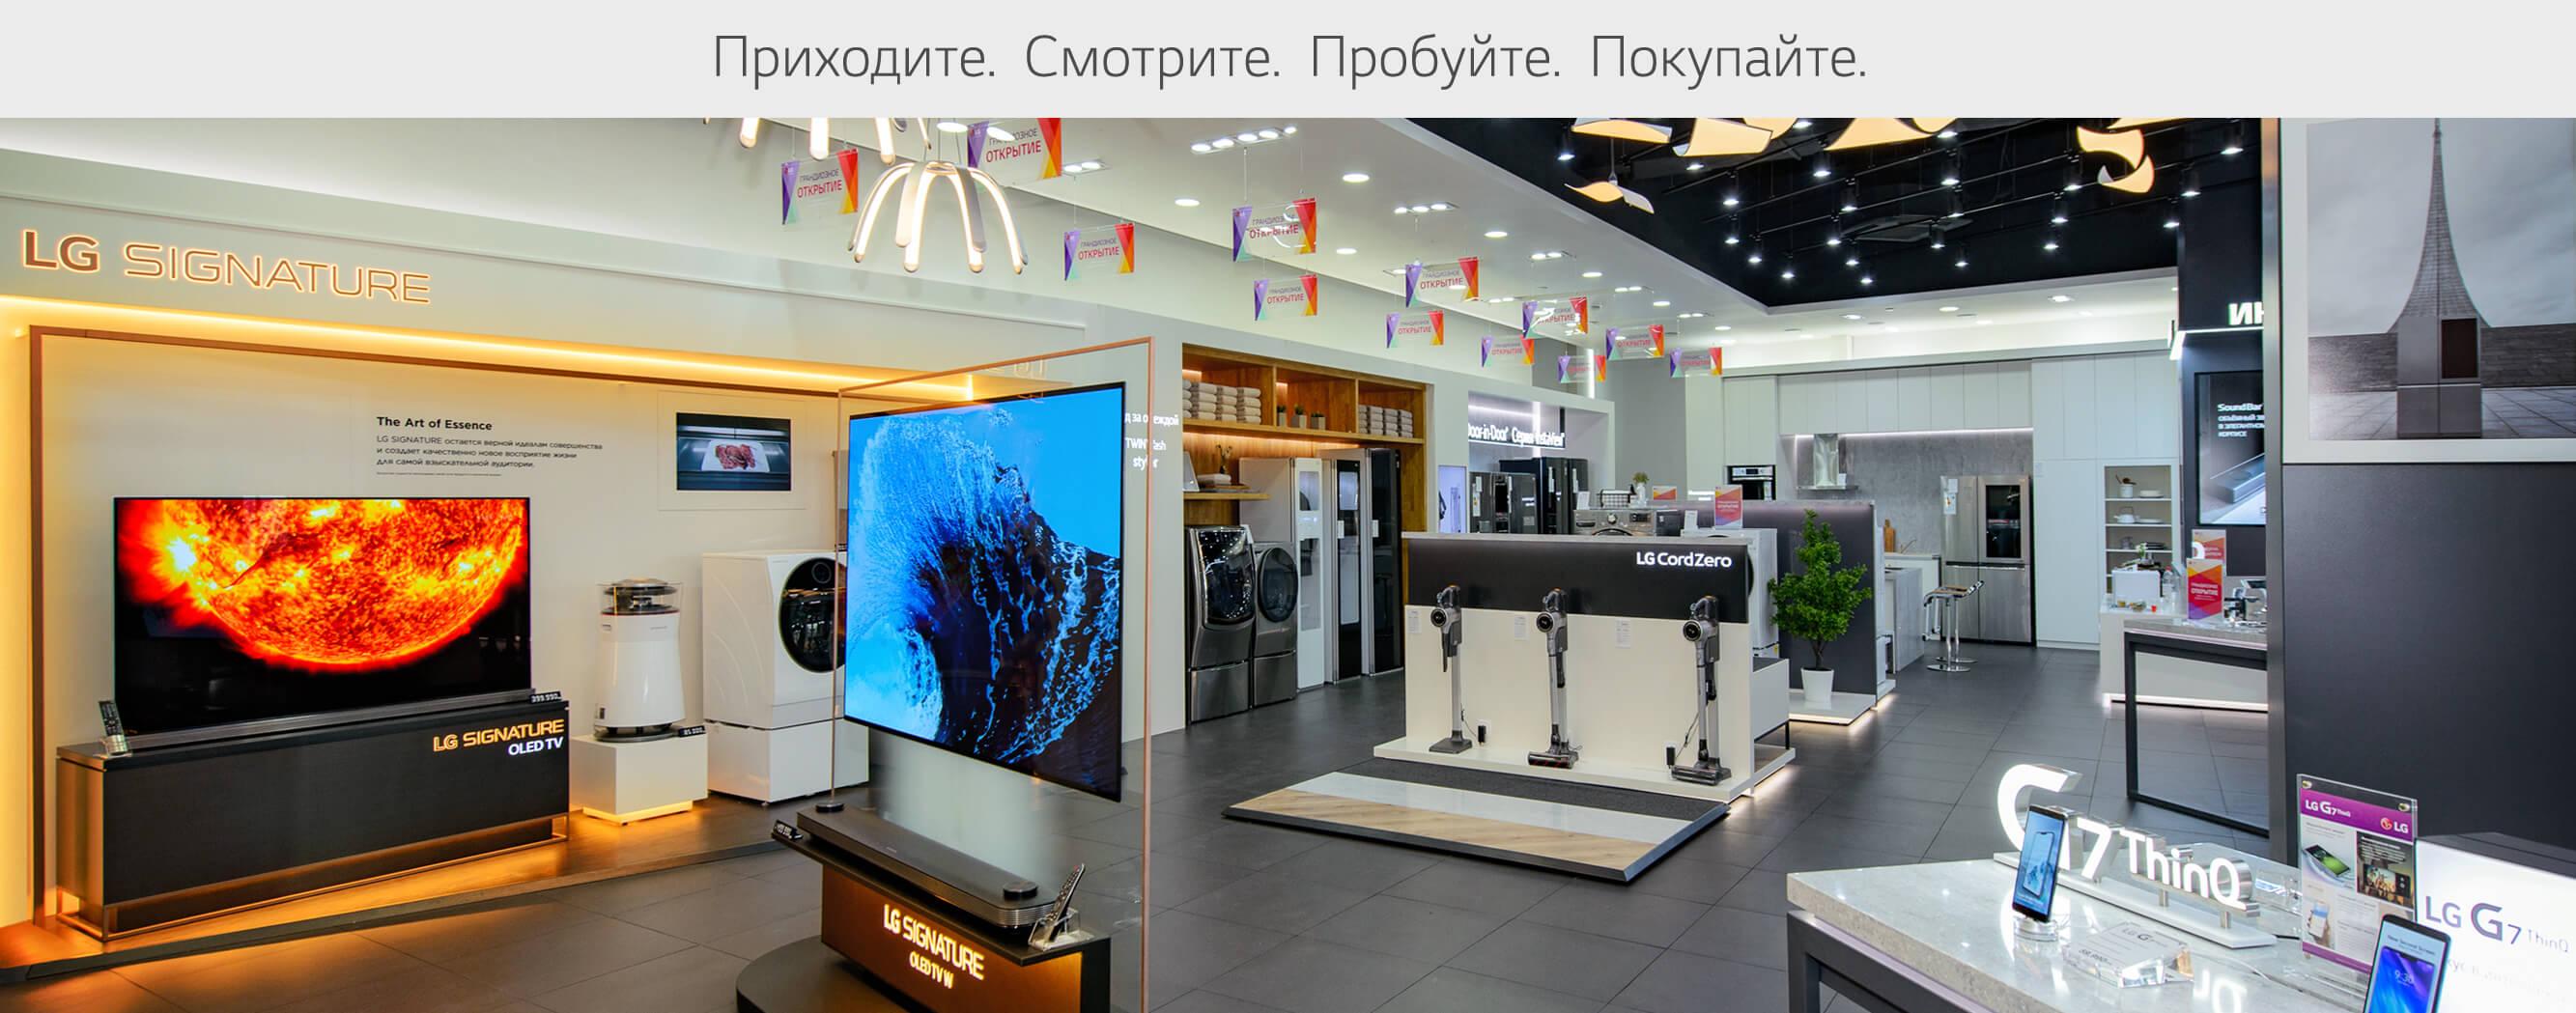 9cd1bf47ecae1 Мы ждём вас в Первом премиальном магазине. Приходите за покупками и  подарками!** 4 июля в московском ТЦ Метрополис состоялось одно из самых  впечатляющих ...